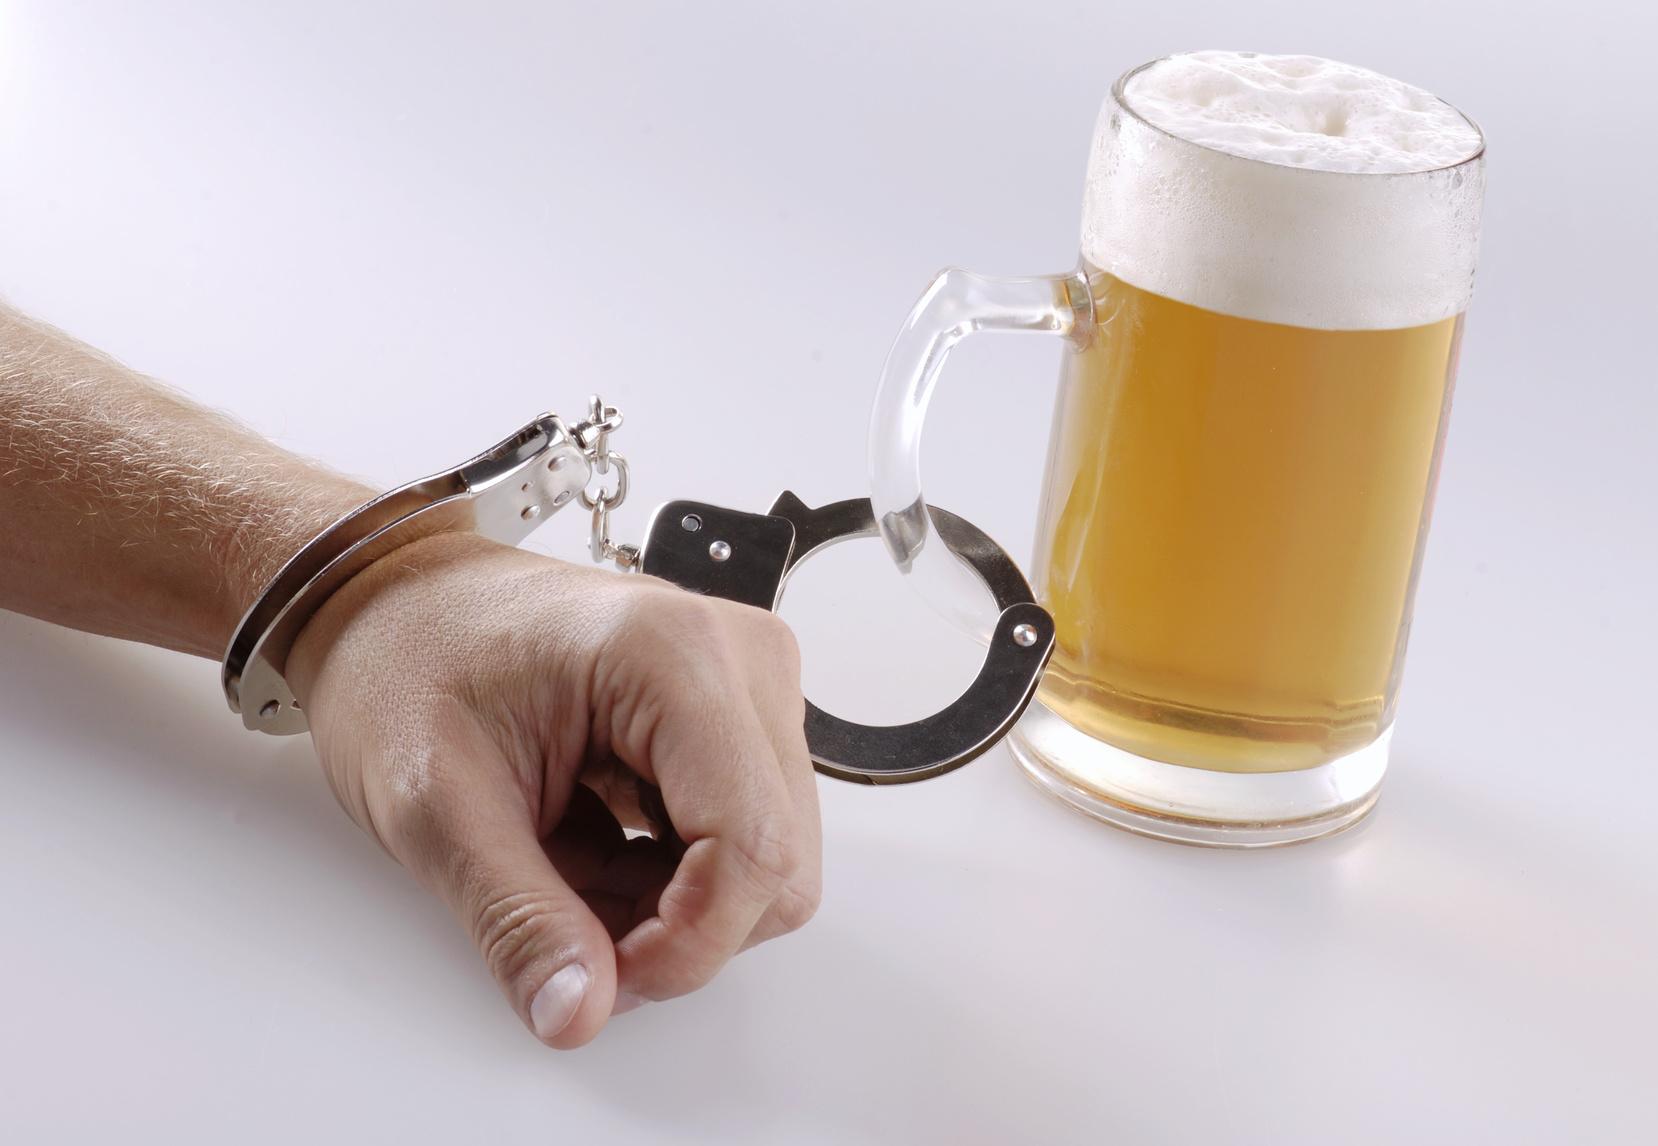 настойка трав от алкоголизма